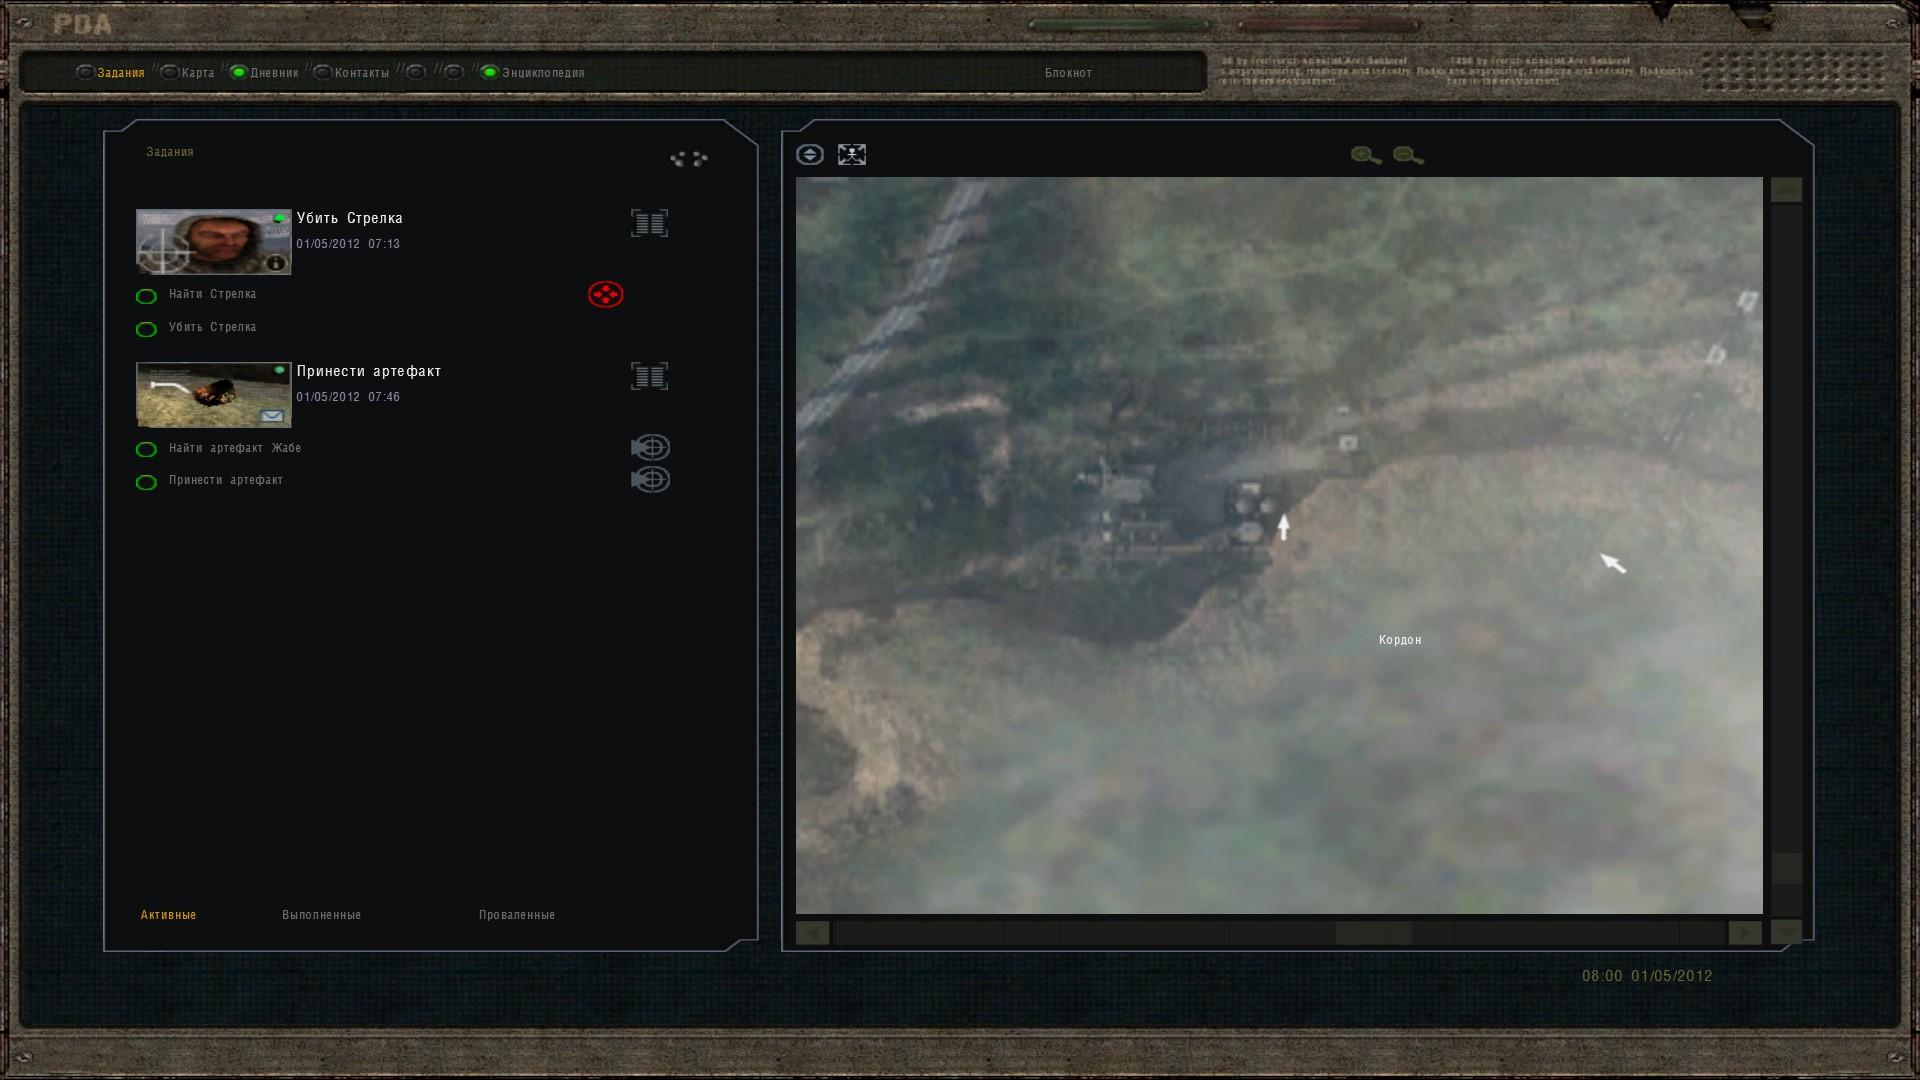 Oblivion Lost Remake 2.5 image 21